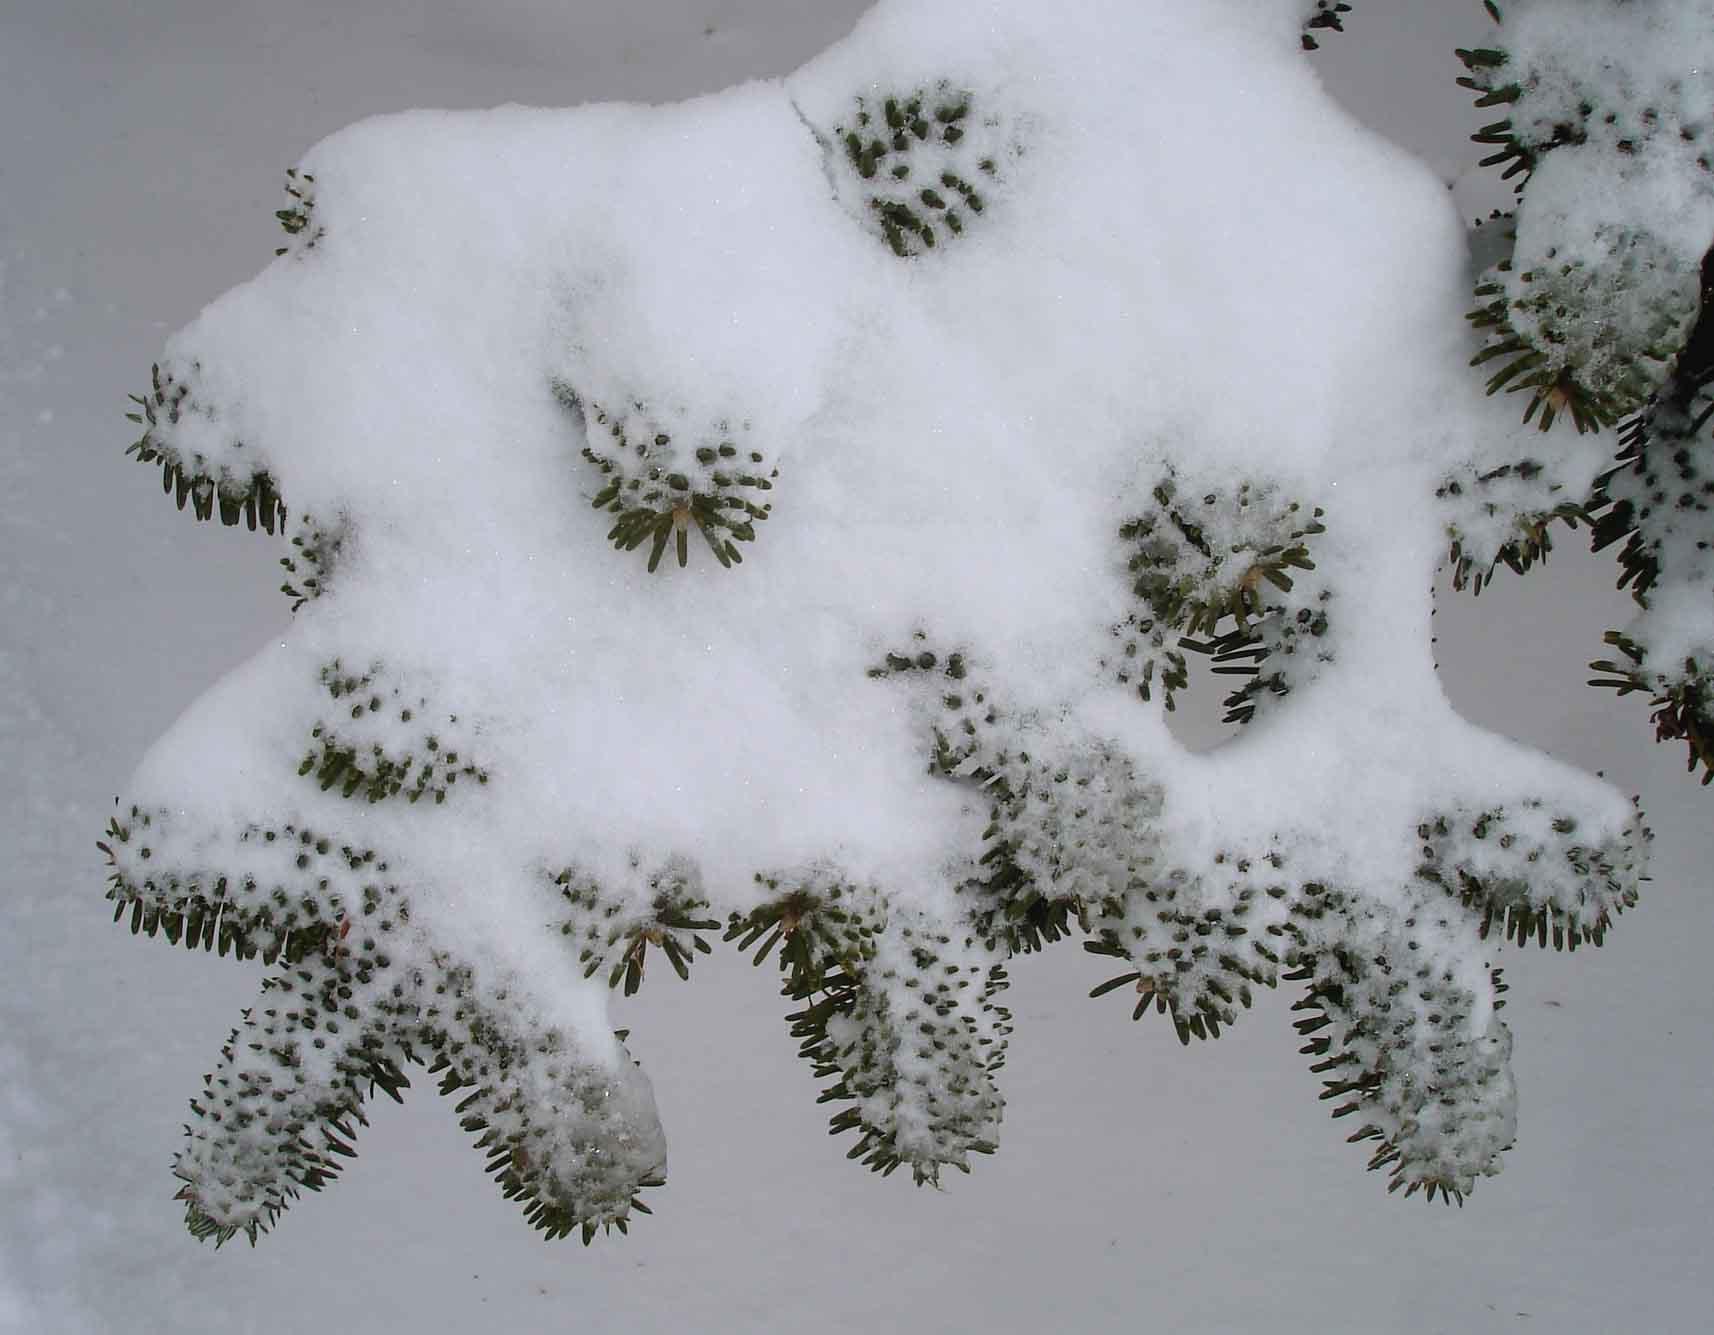 オオシラビソの葉上に積もった雪